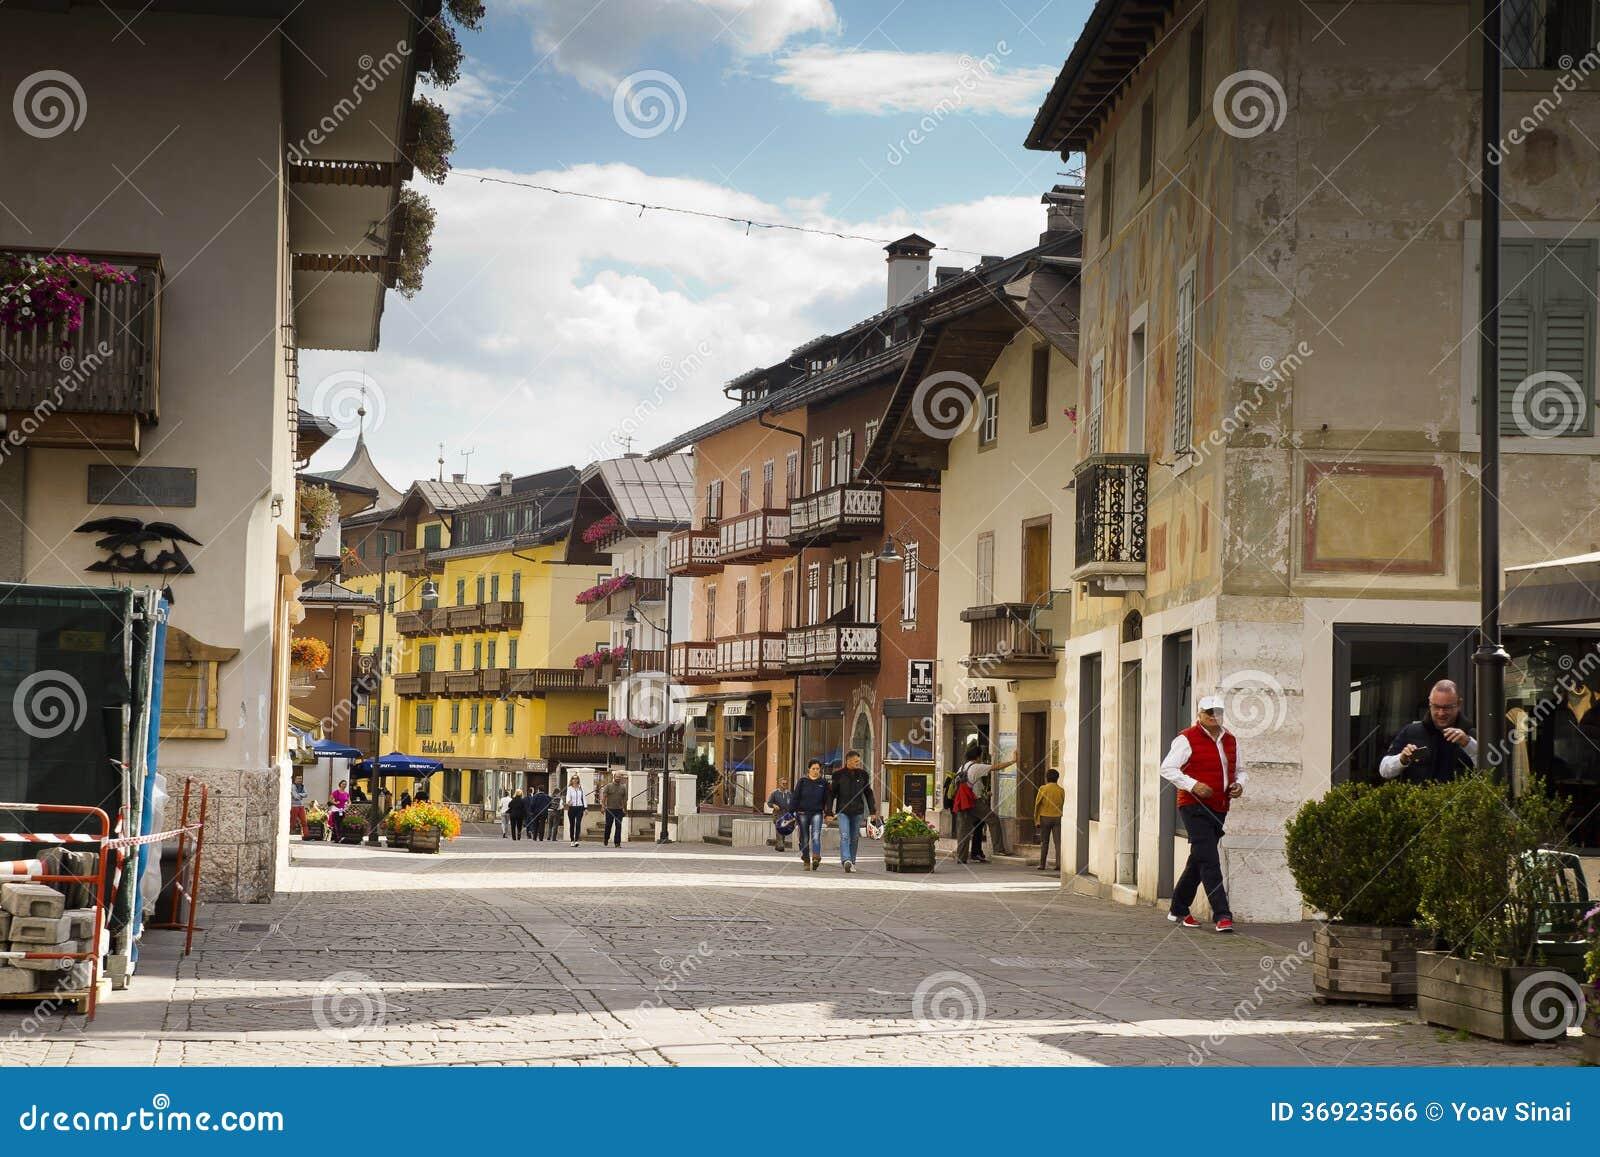 Pejzażu miejskiego Cortina dAmpezzo, Włochy